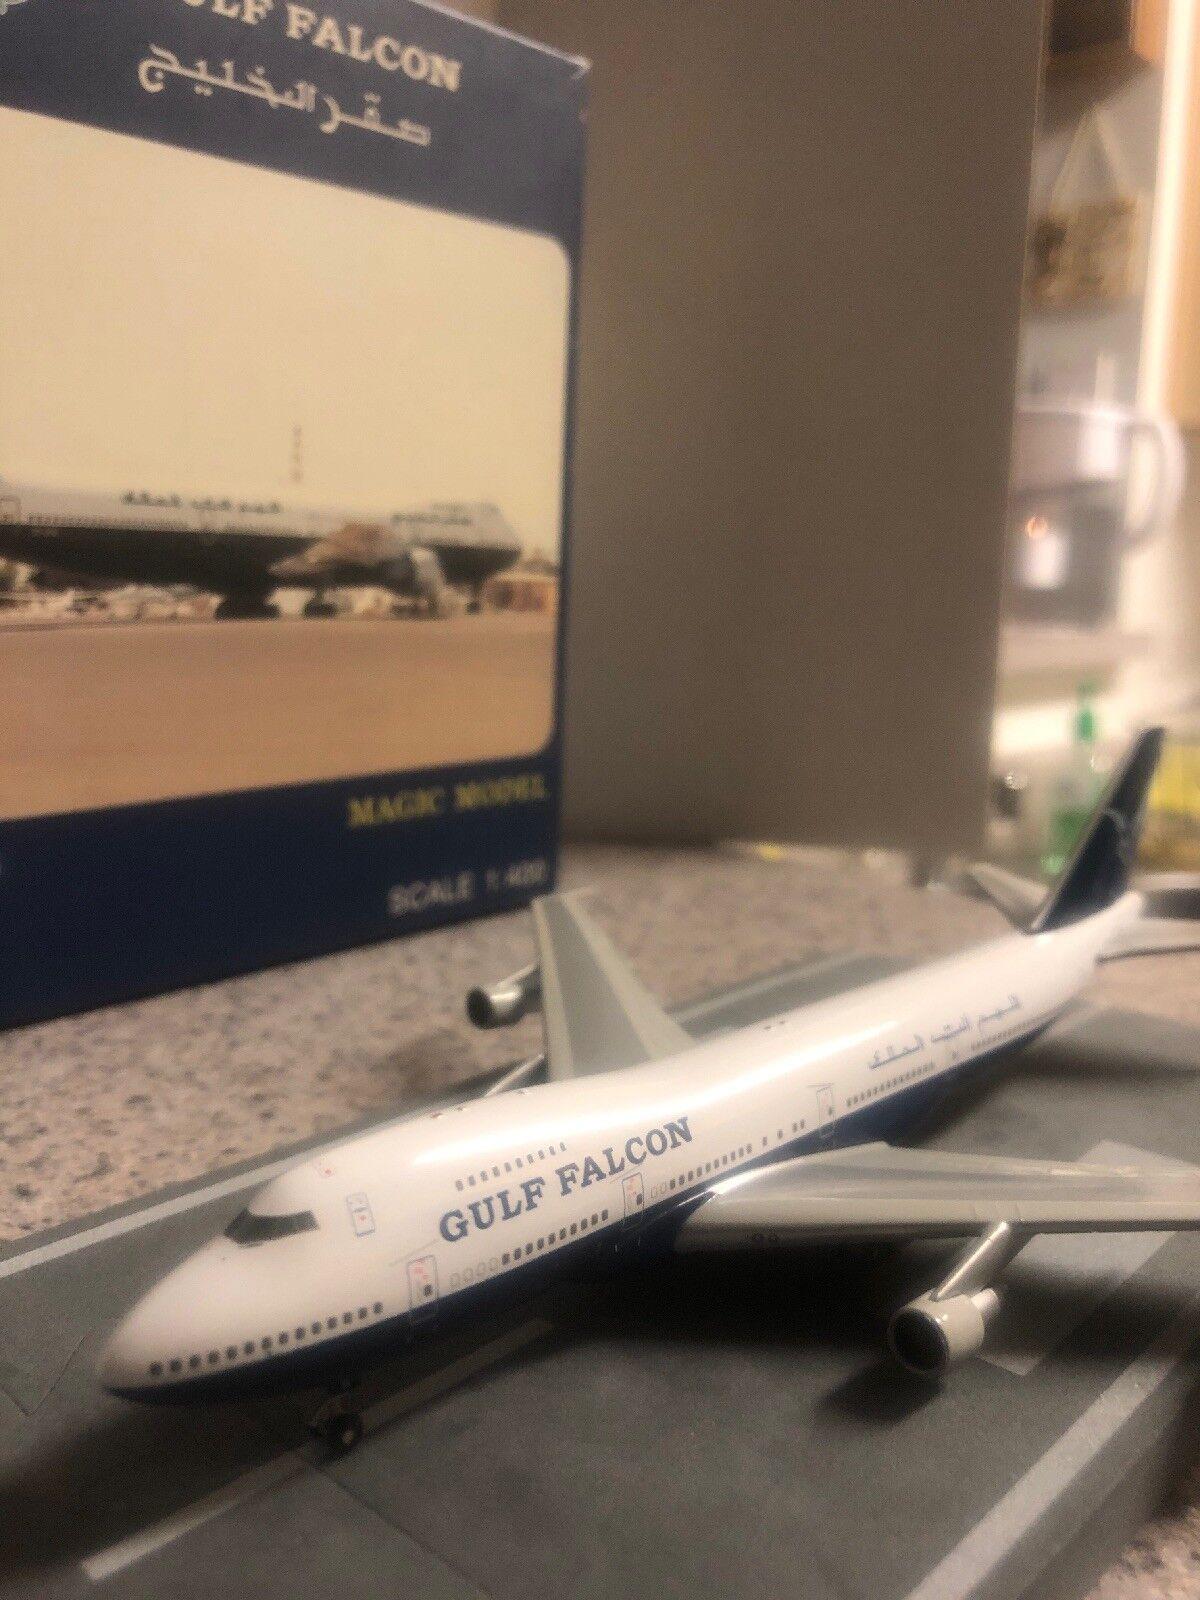 Magic MODELS échelle 400 Diecast modèle GULF FALCON B747 avion commercial 3C-GFB